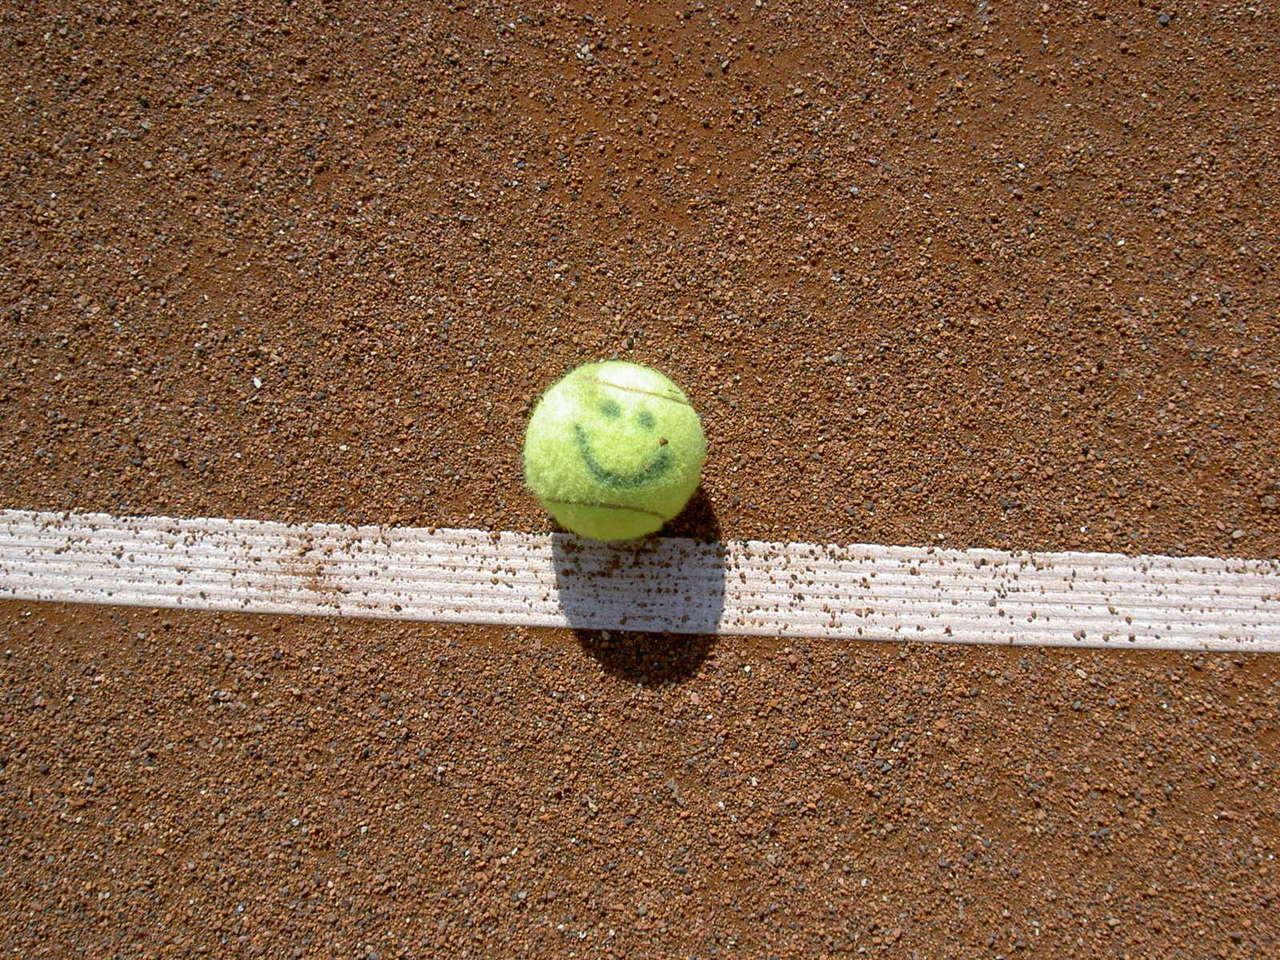 tennis-is-fun-1498610-1280x960